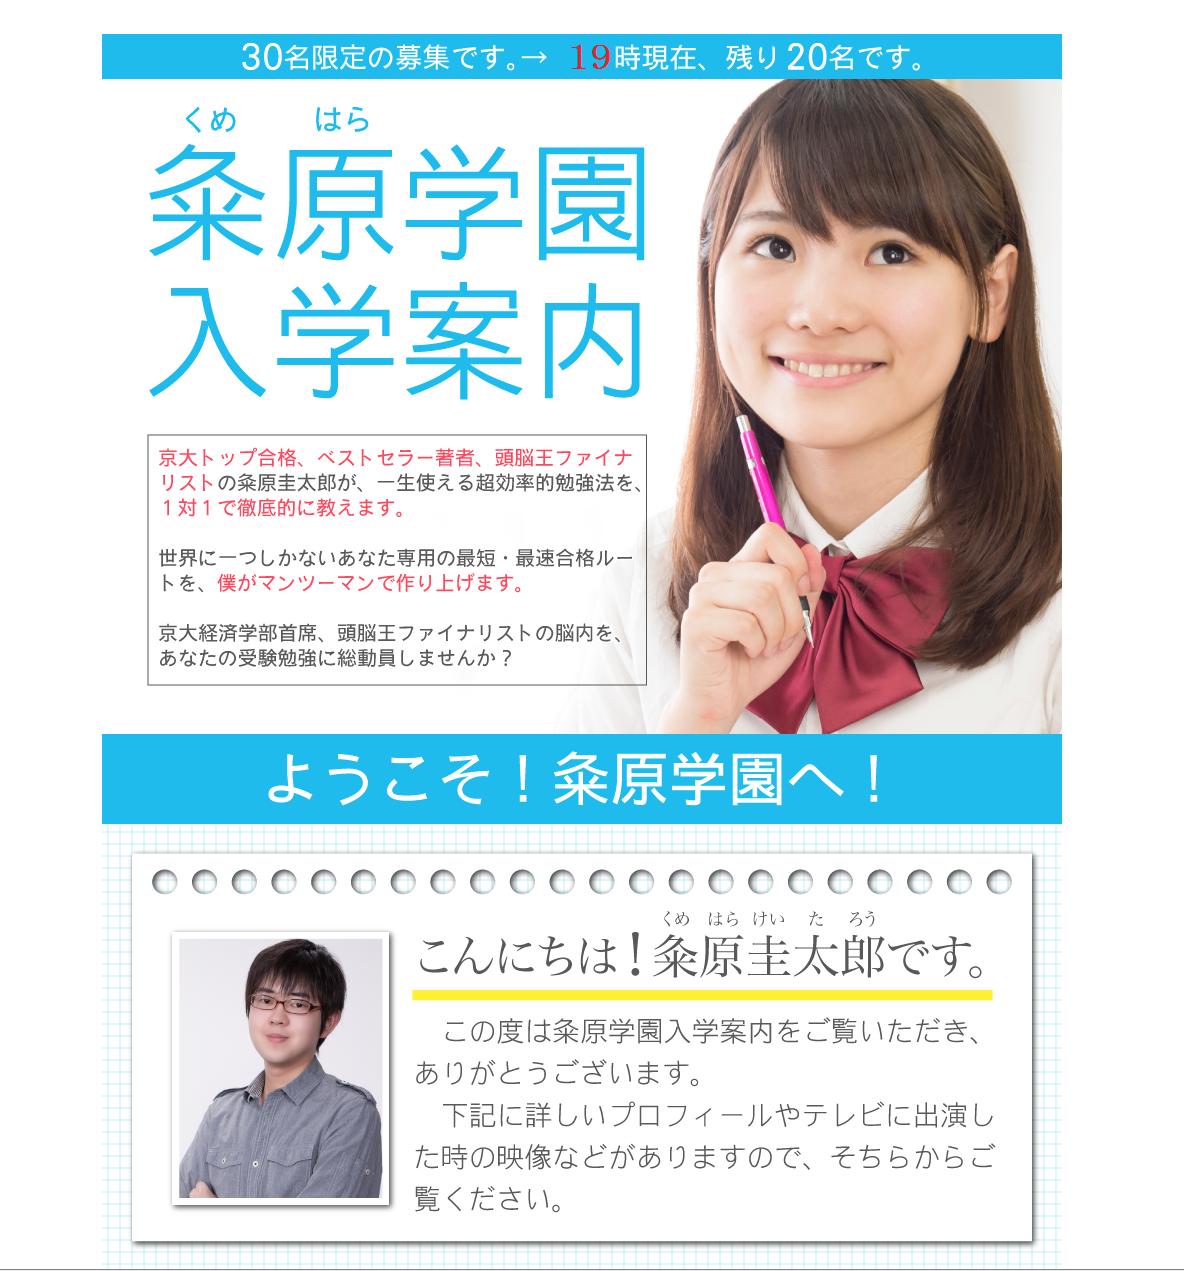 スクリーンショット 2015-03-26 0.58.20